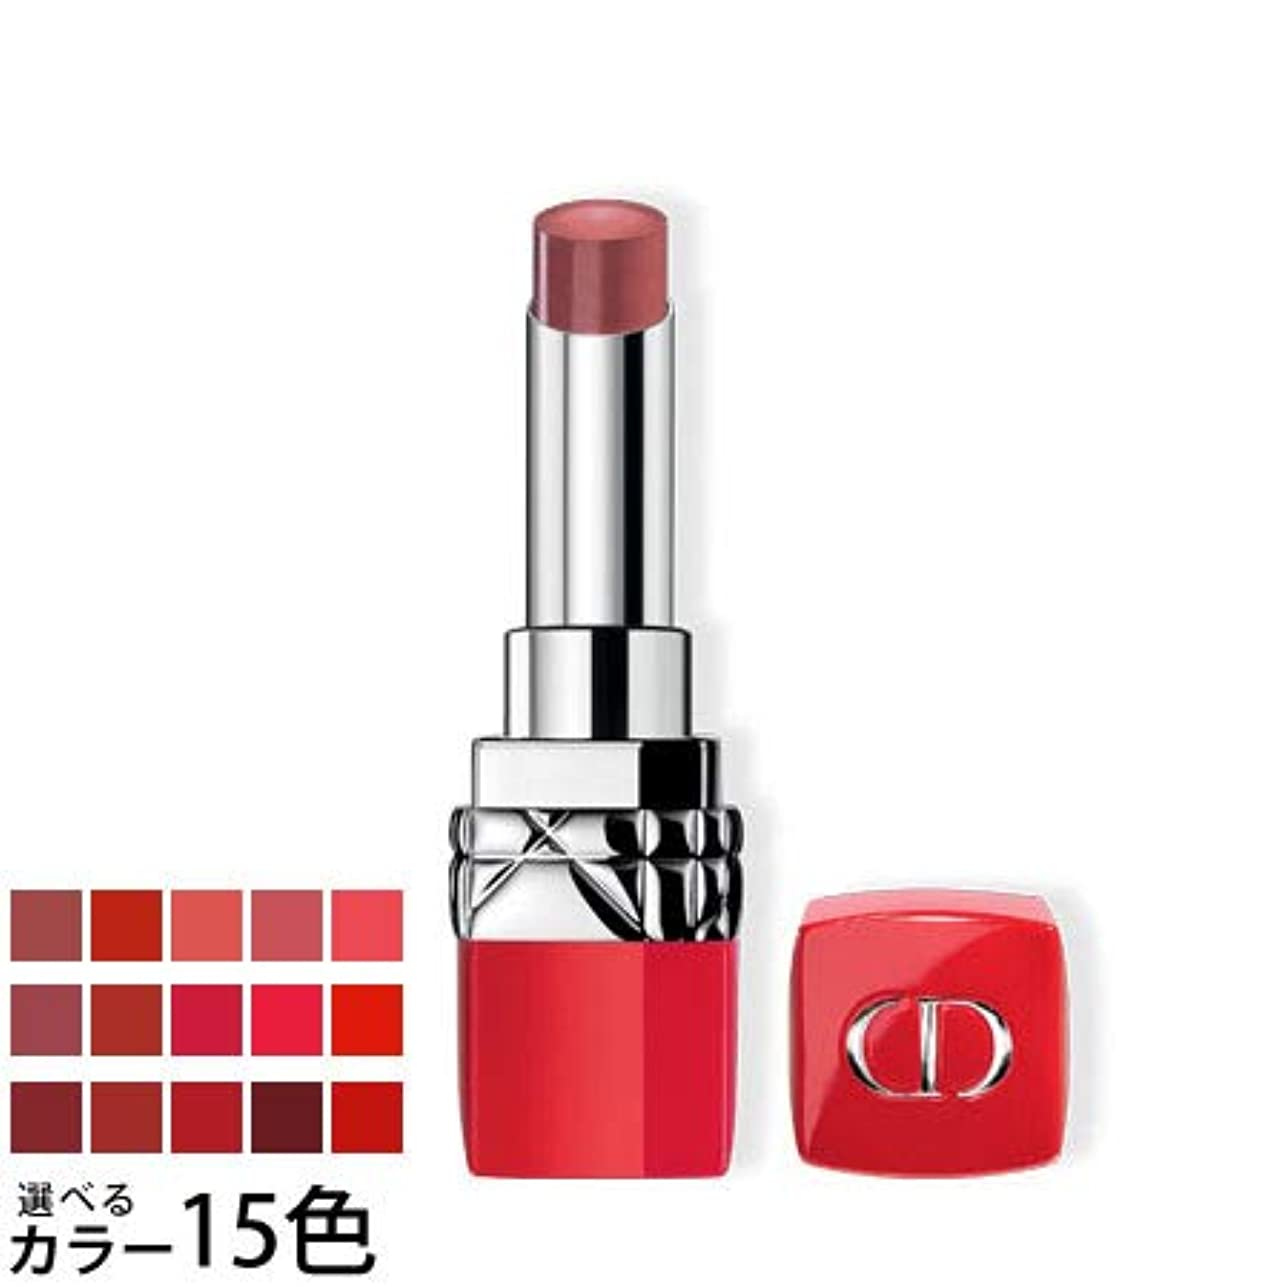 わざわざちょうつがい方程式ディオール ルージュ ディオール ウルトラ ルージュ 選べる15色 -Dior- 851